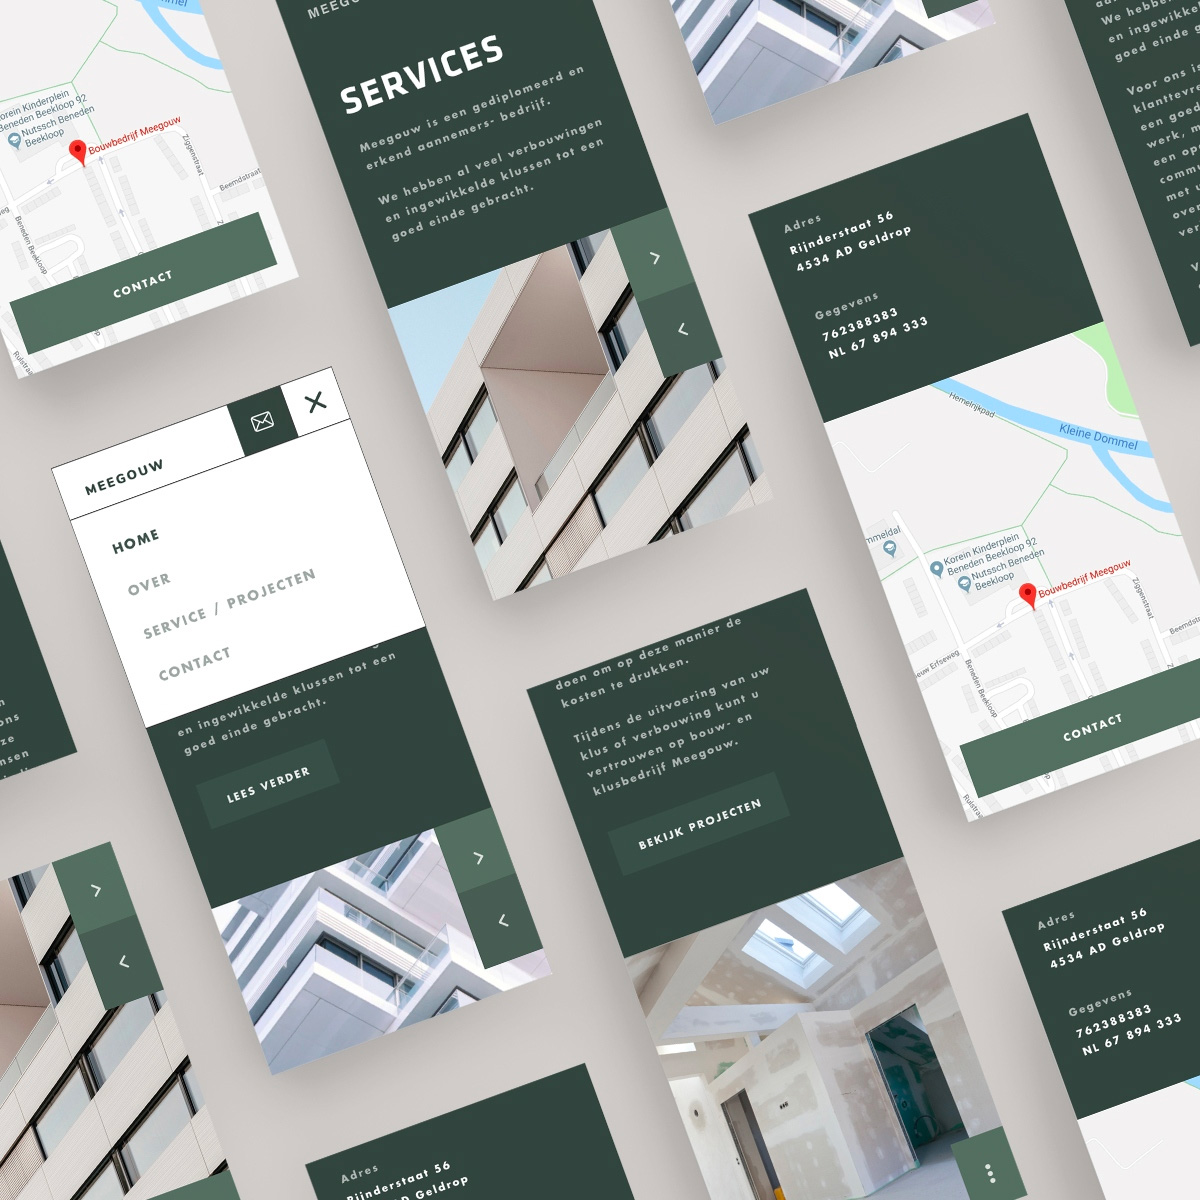 webdesign_eindhoven_zzp_kaspar_001